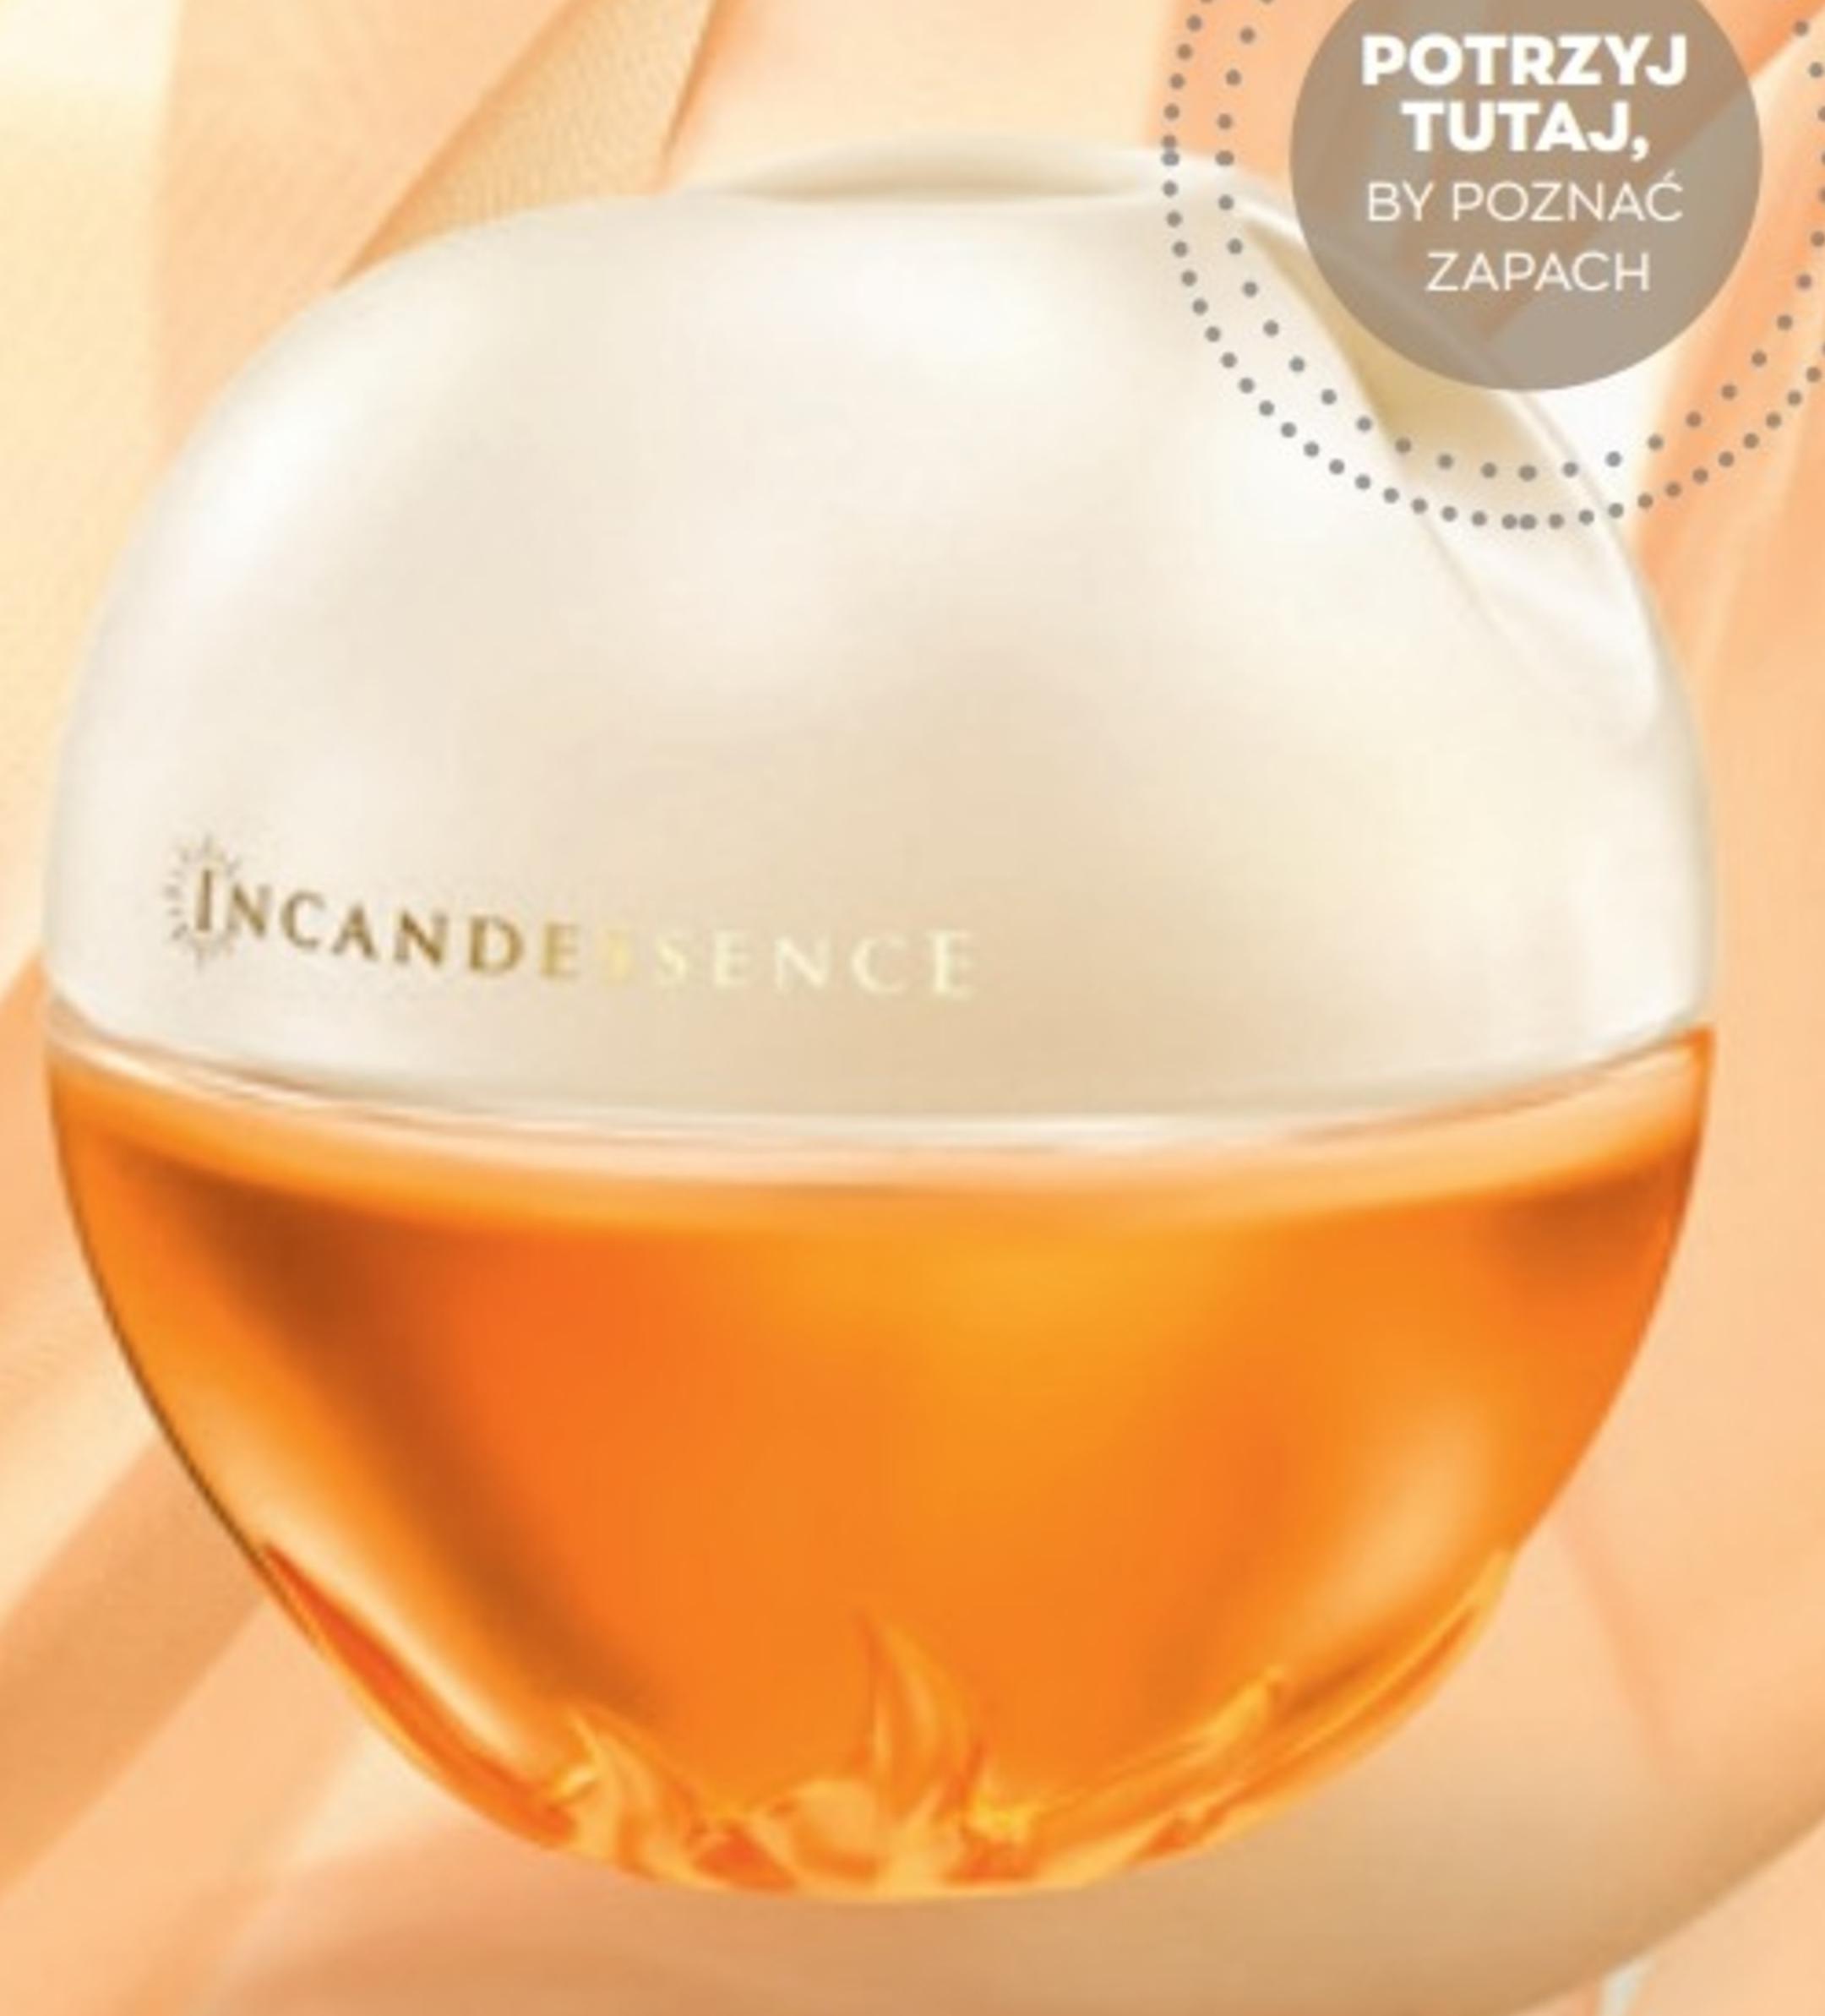 Woda perfumowana Avon niska cena